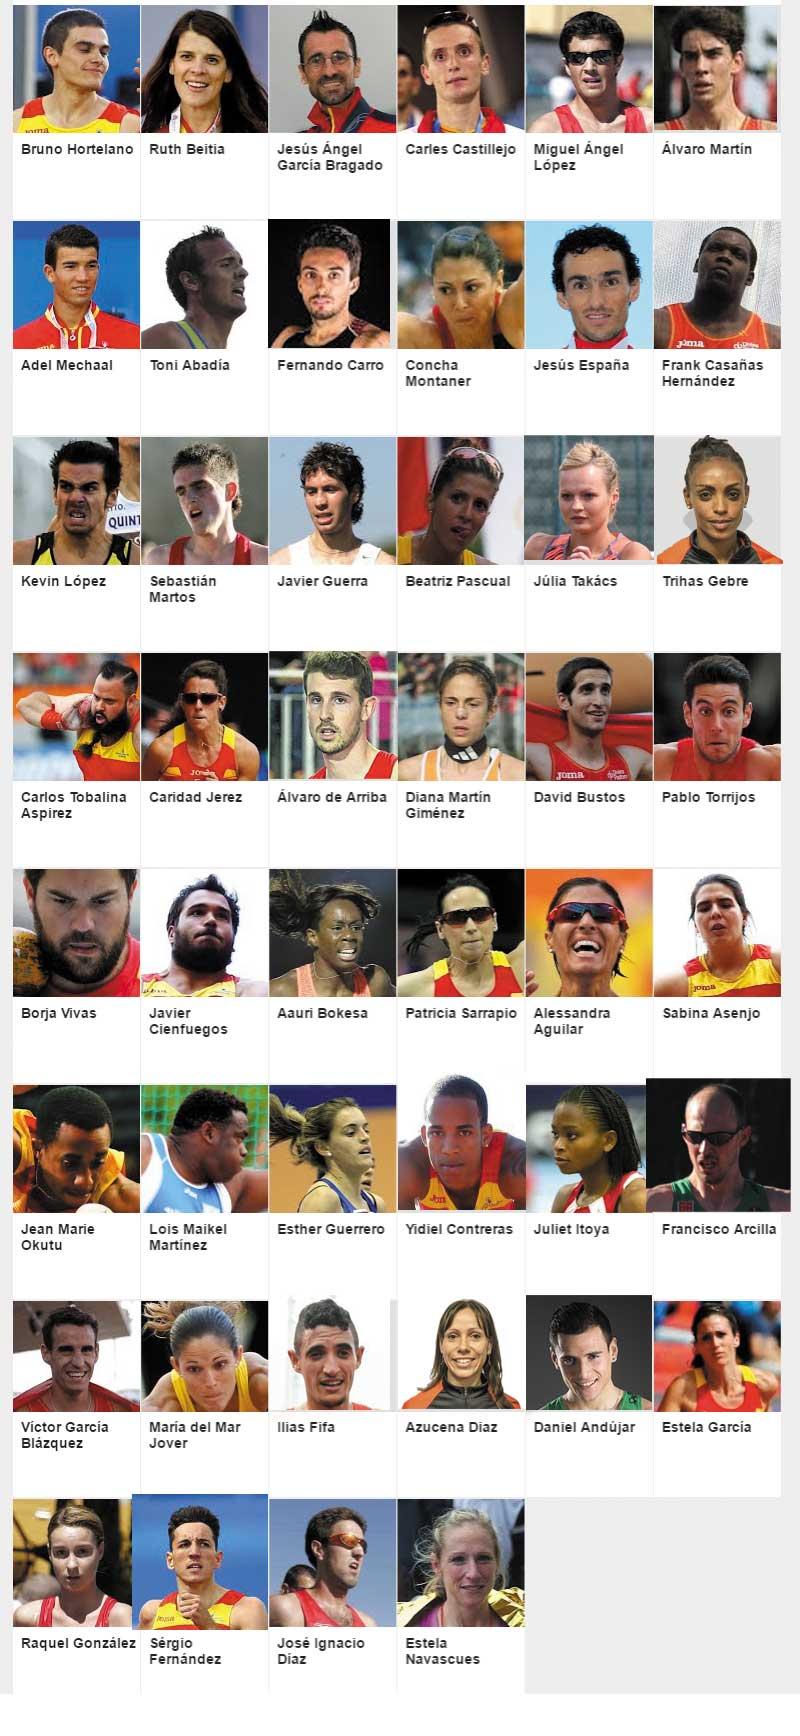 olimpios-spain-atletimo-rio-2016-avance-deportivo